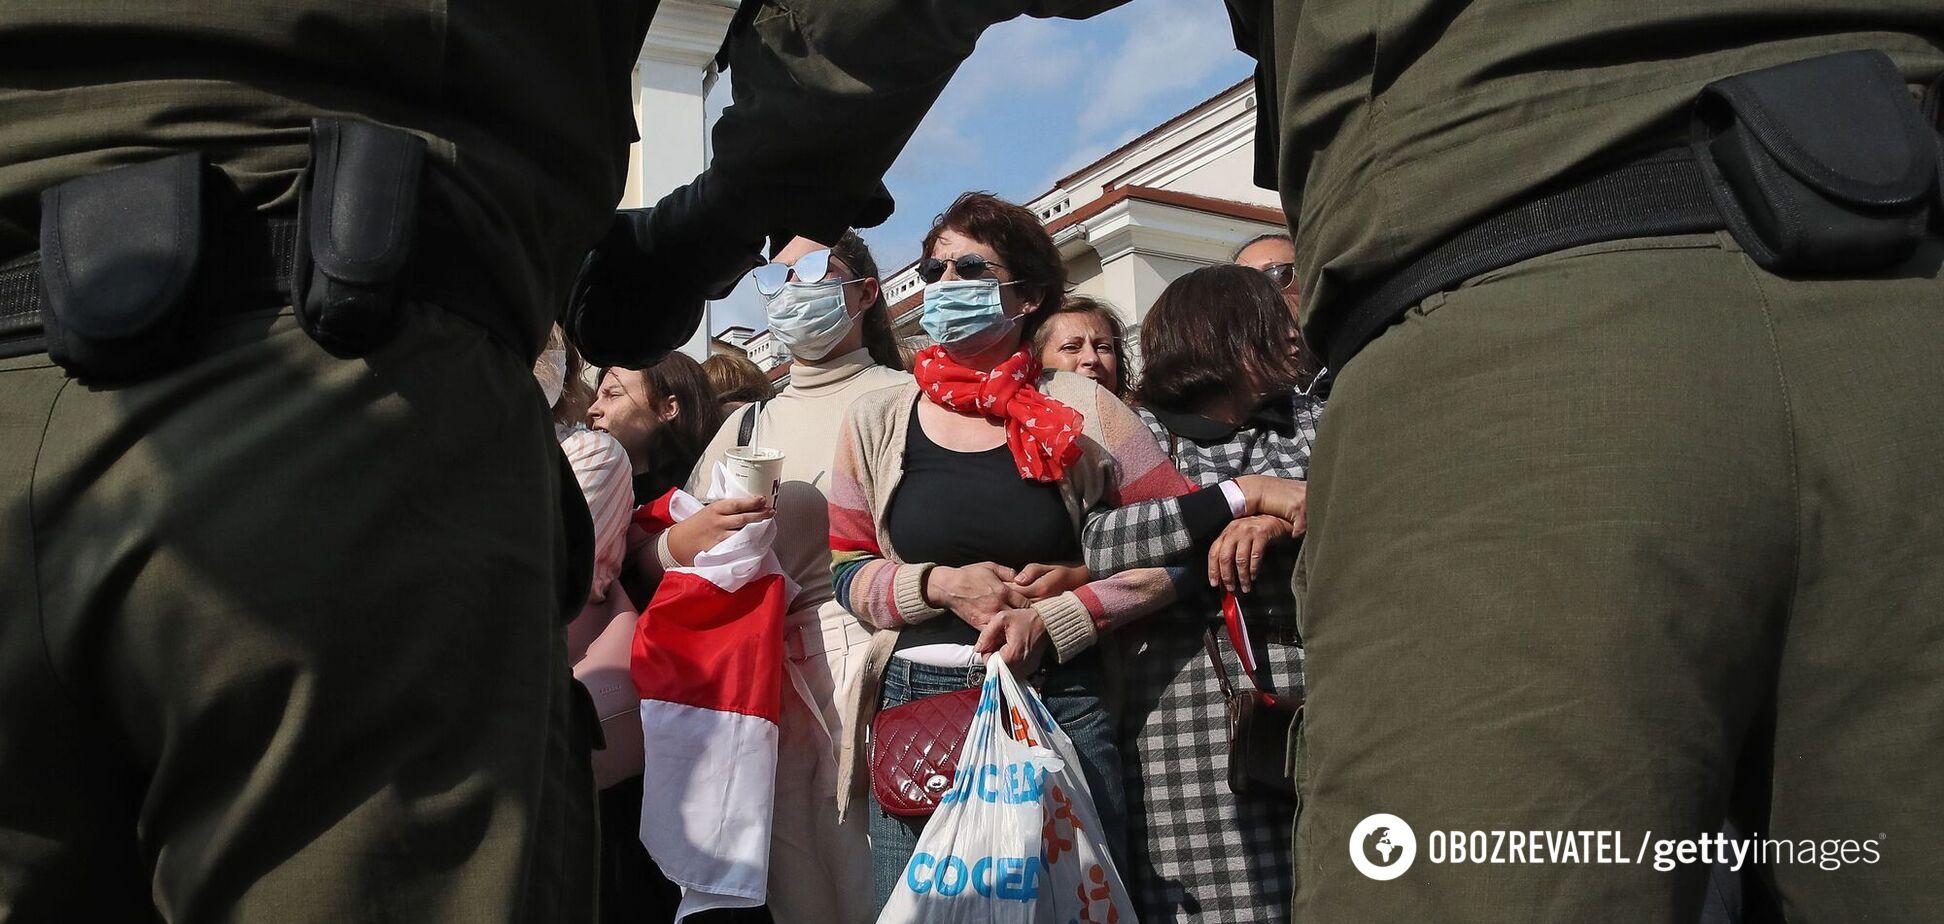 Люди в балаклавах и стали задерживать участниц акции